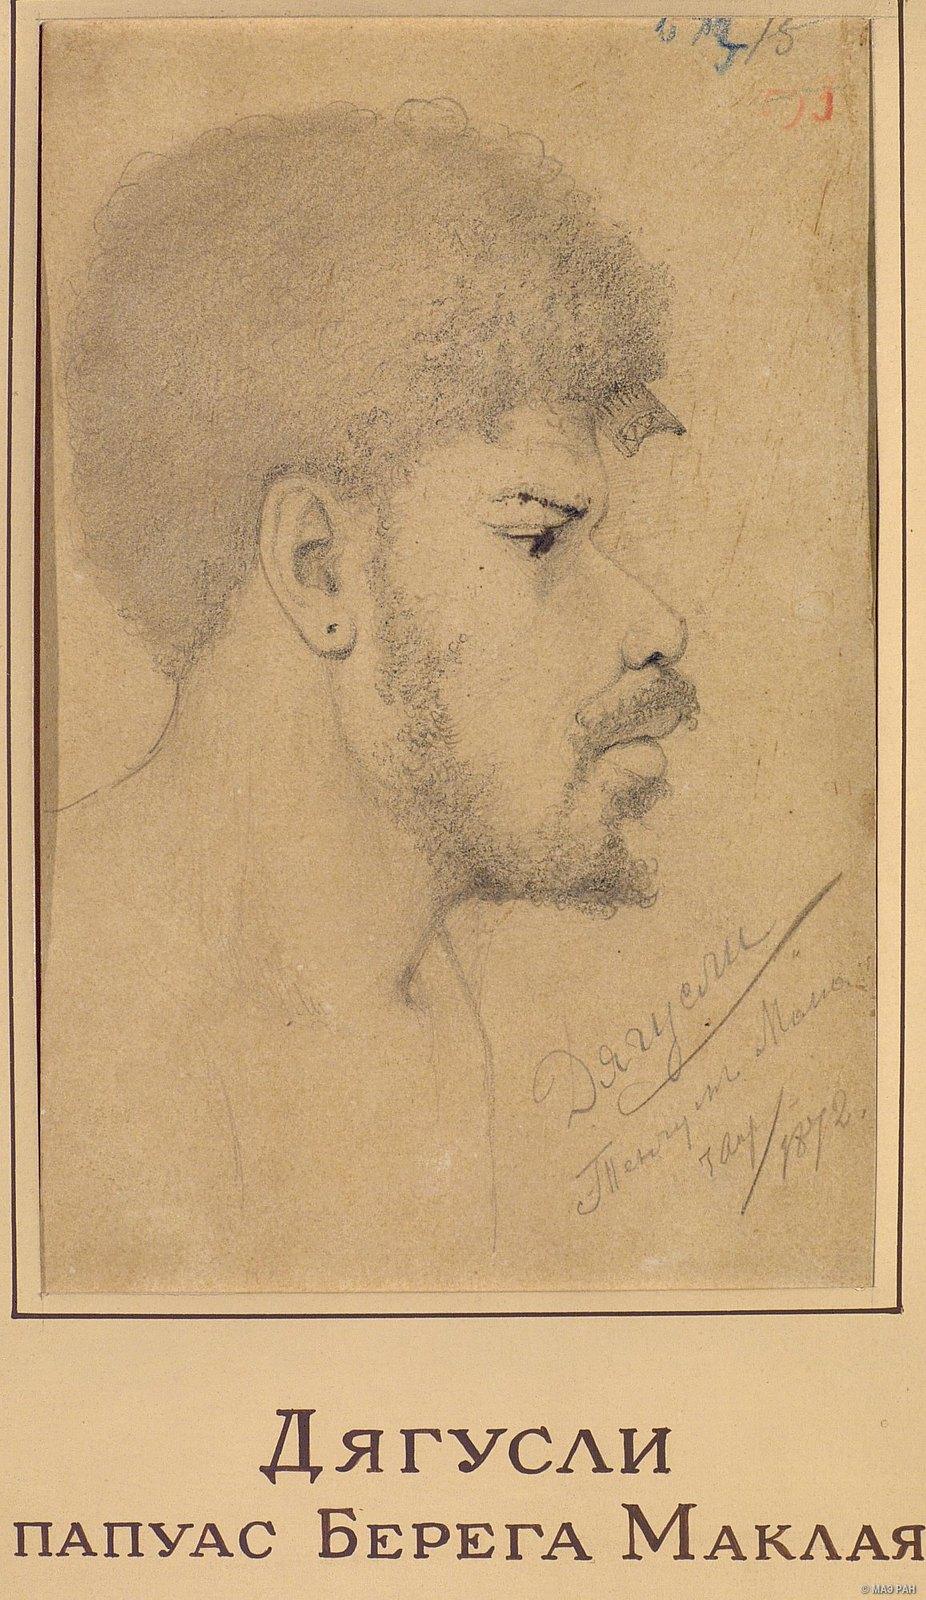 1872. Дягусли, папуас берега Маклая. Тенгум Мана. 7 апр.